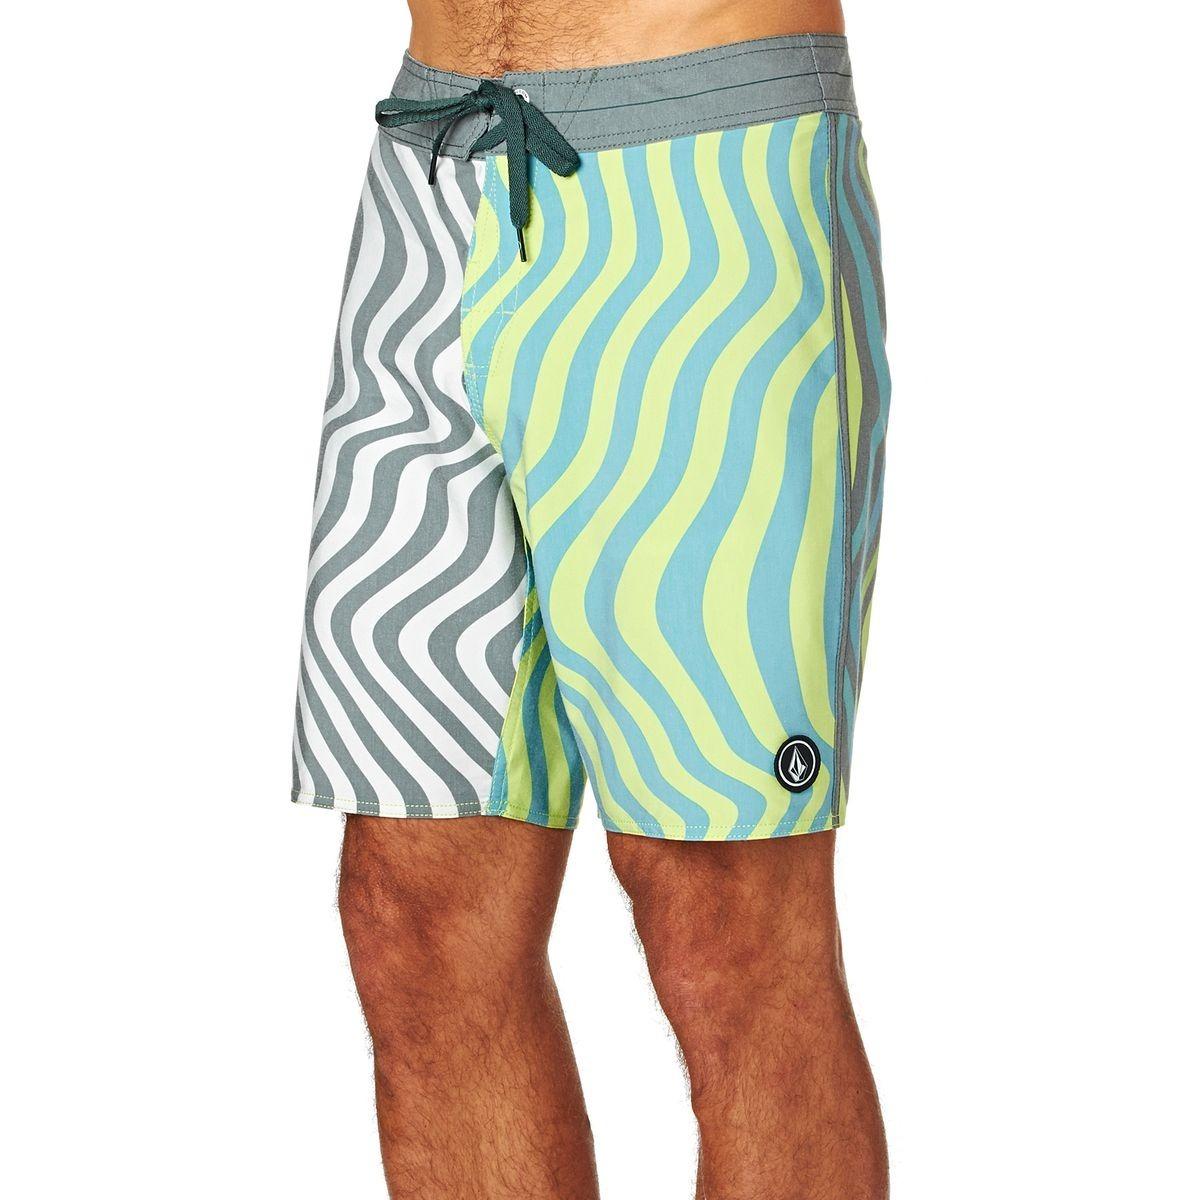 Spangler Hombre Egr Volcom Baño De Boardshort Short Traje IvYf6g7by